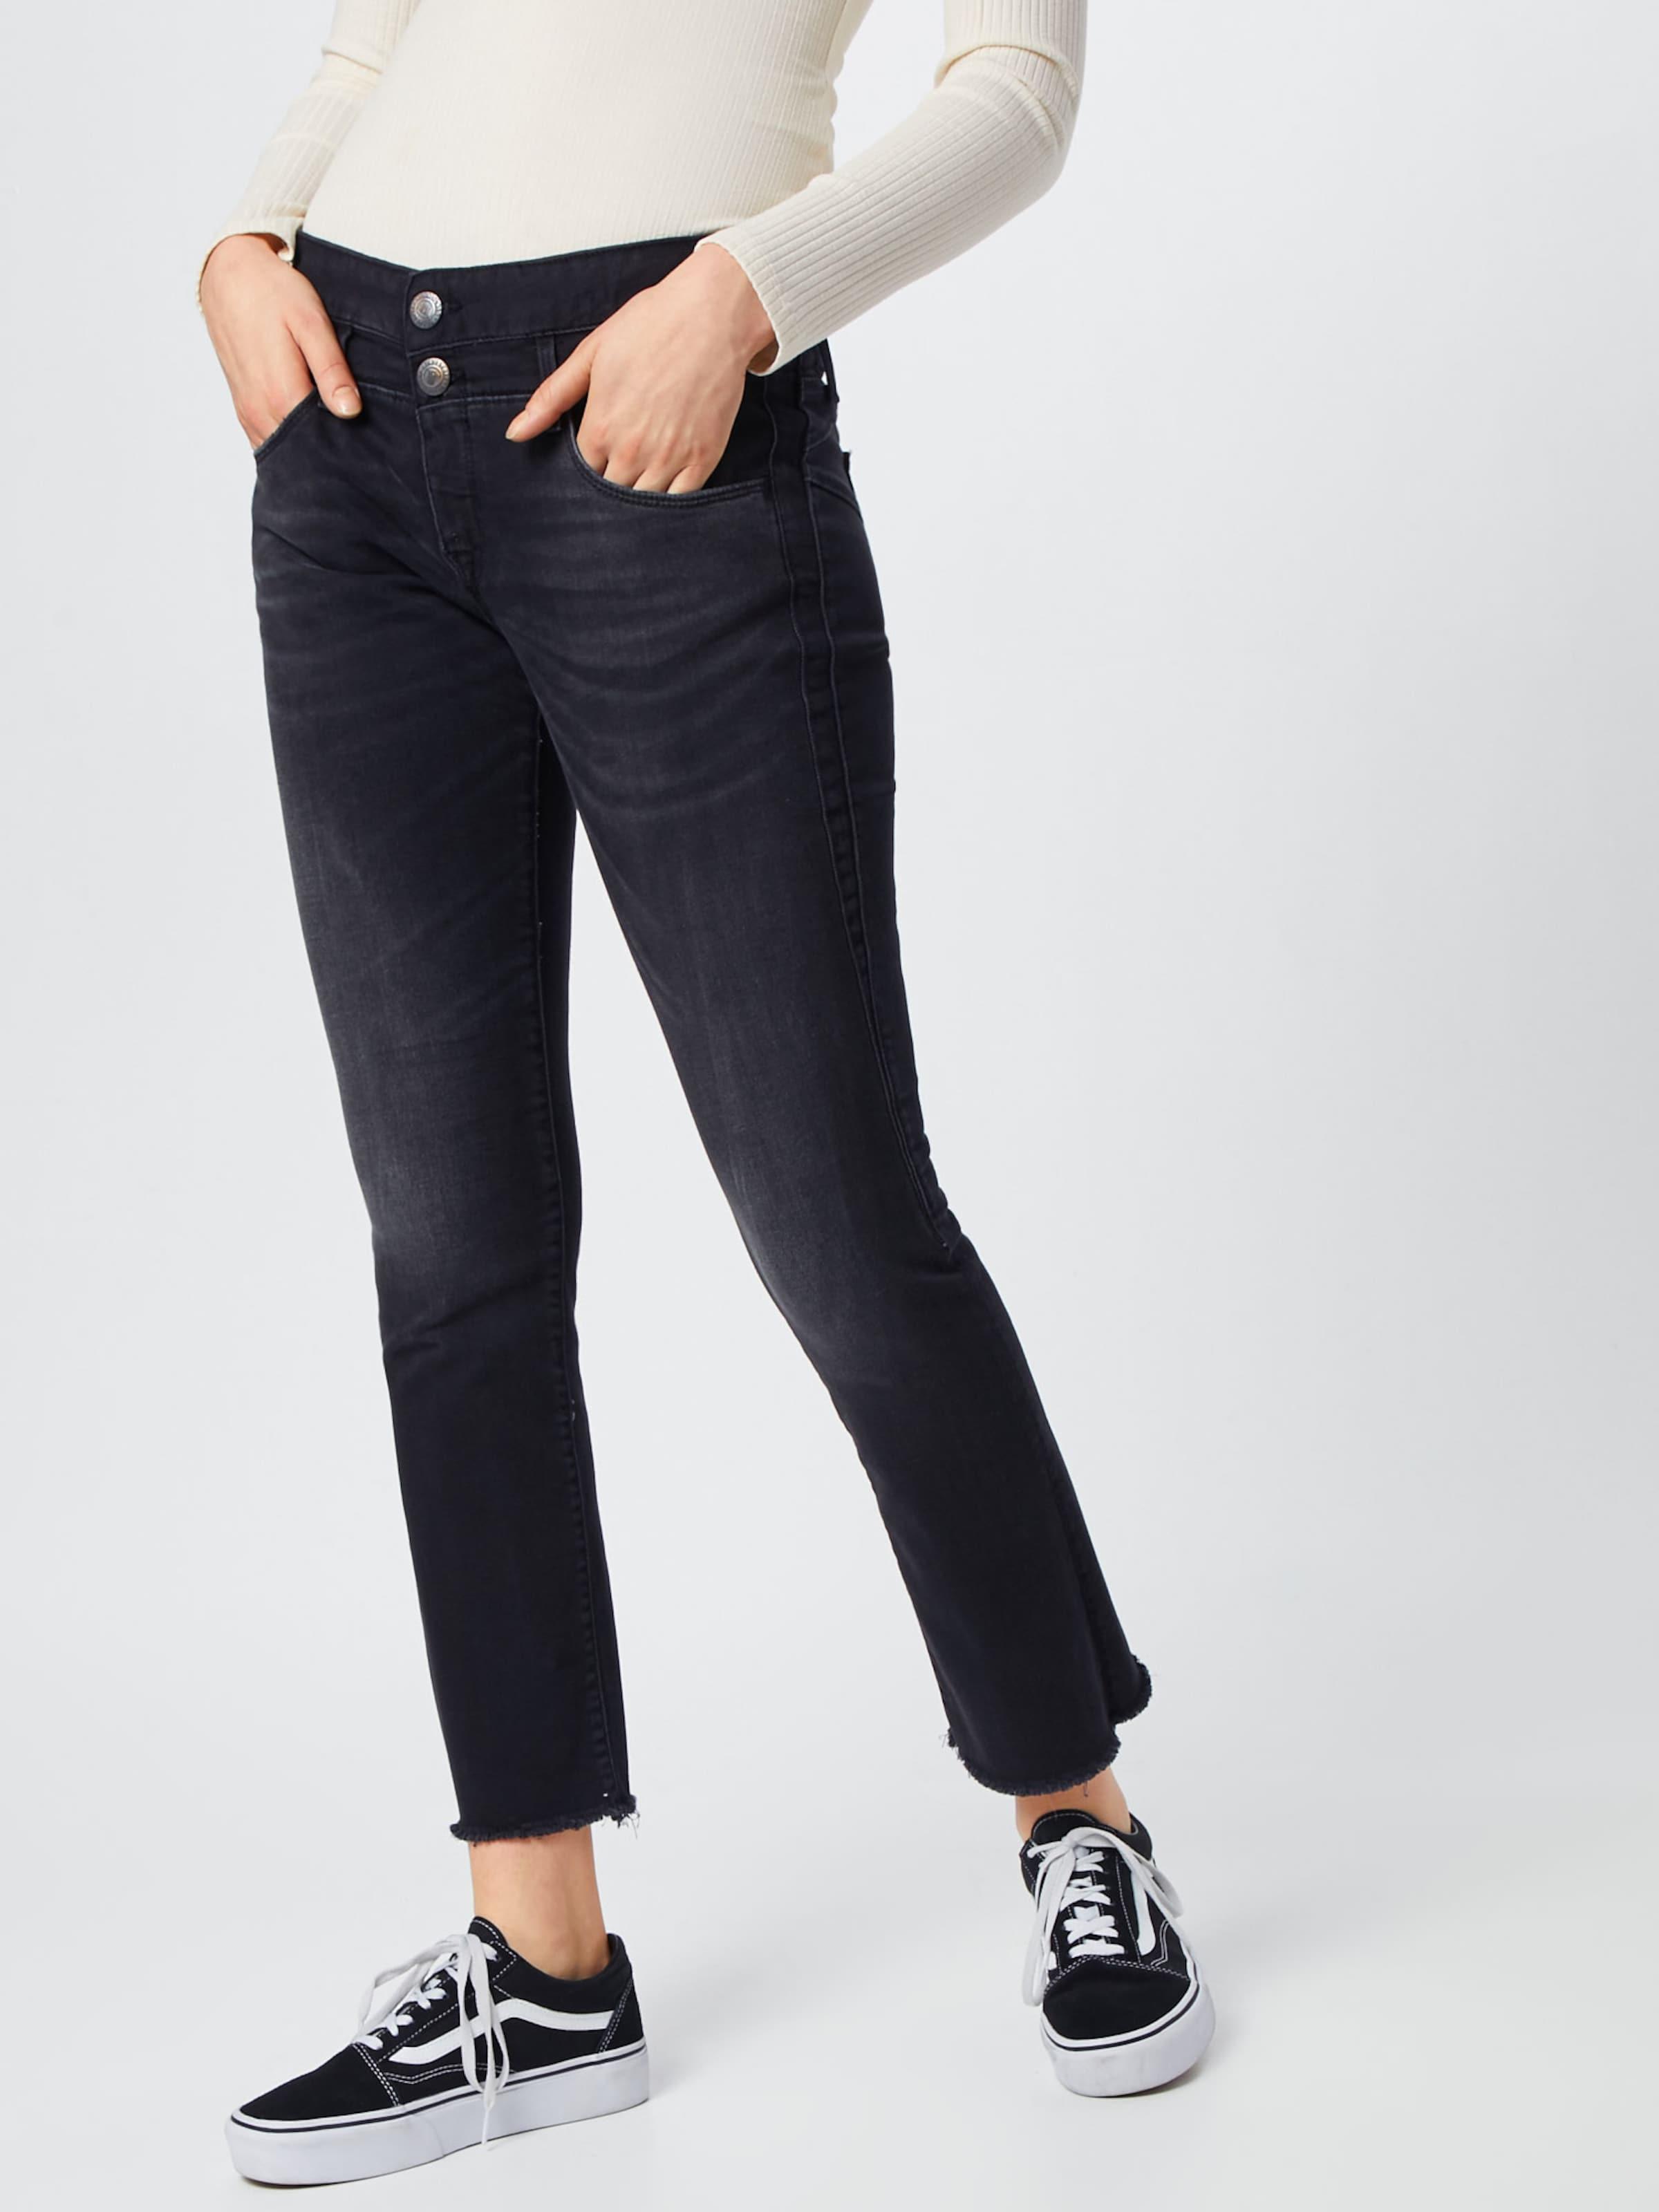 Stretch' Denim In Cropped Herrlicher Schwarz Black Jeans 'baby fm76vIYbgy